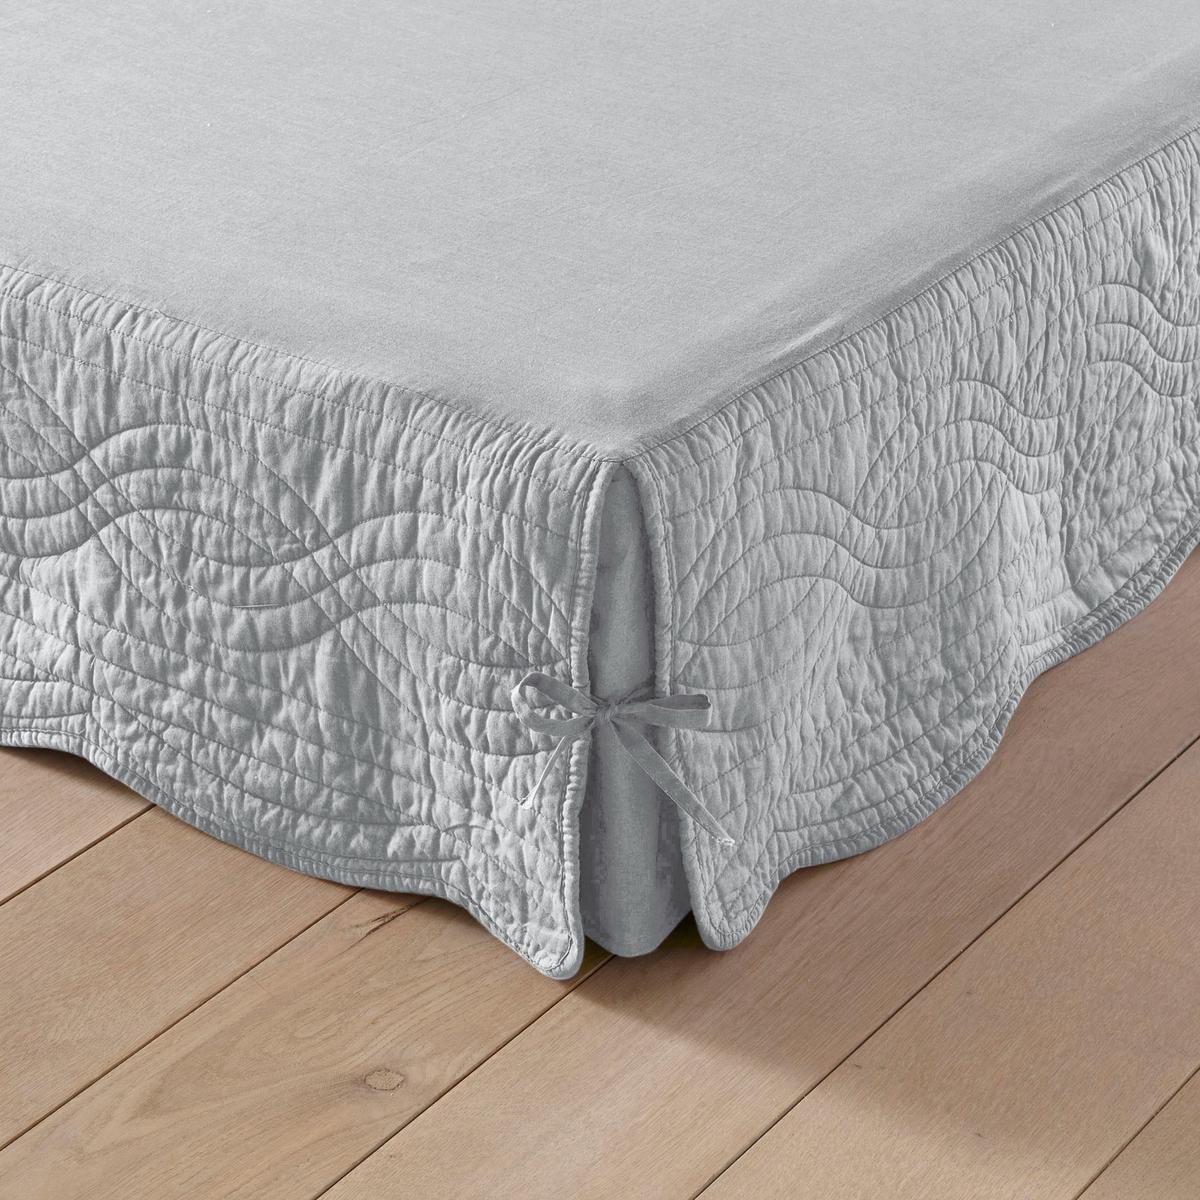 Чехол на кроватное основание из хлопковой ткани от La Redoute